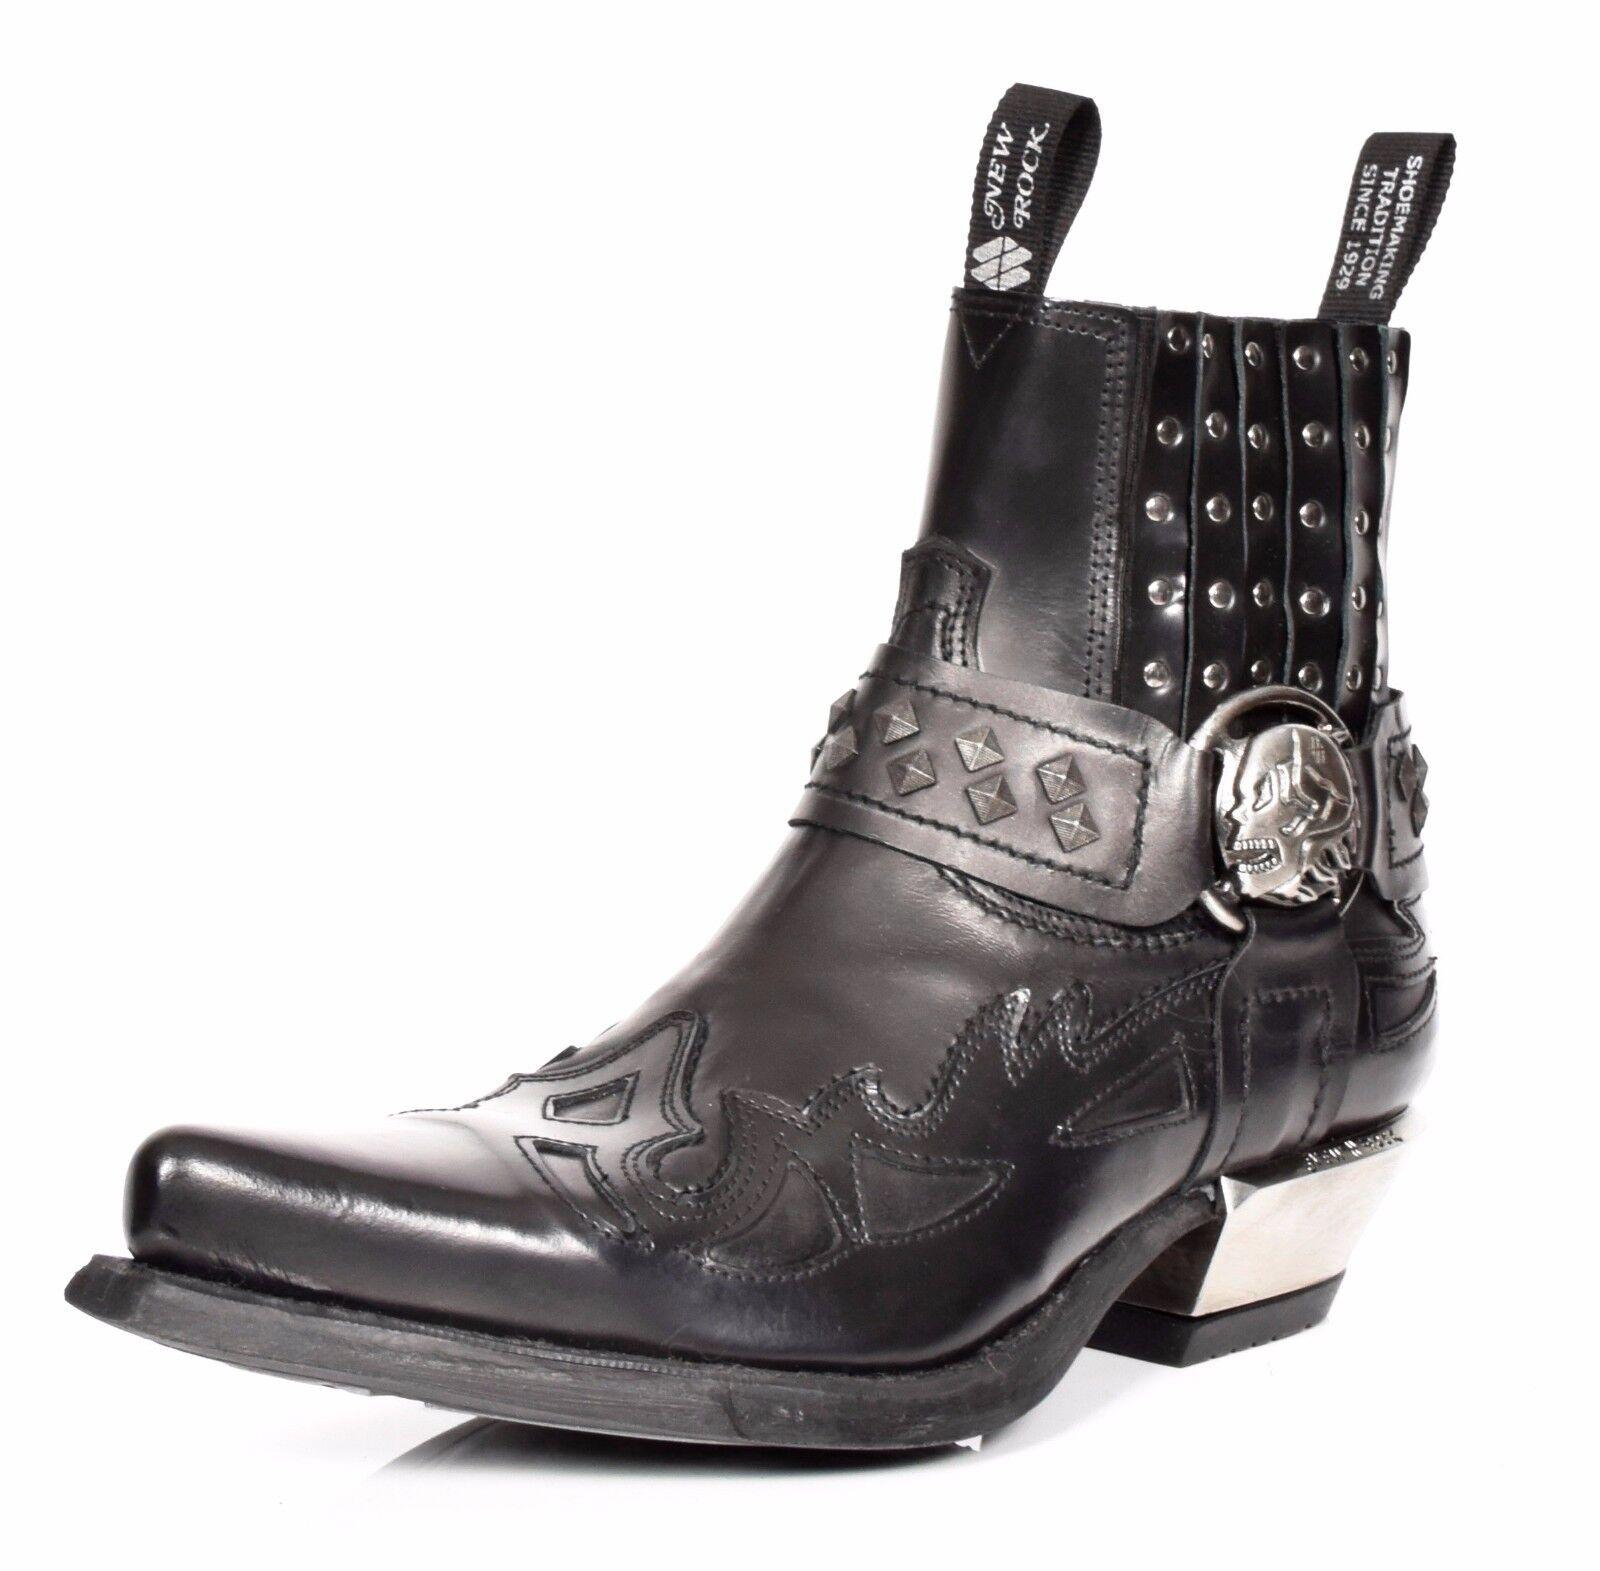 Mocassini Scarpe alla caviglia in pelle nero New Rock Fancy Casual Stivale Chelsea A Punta